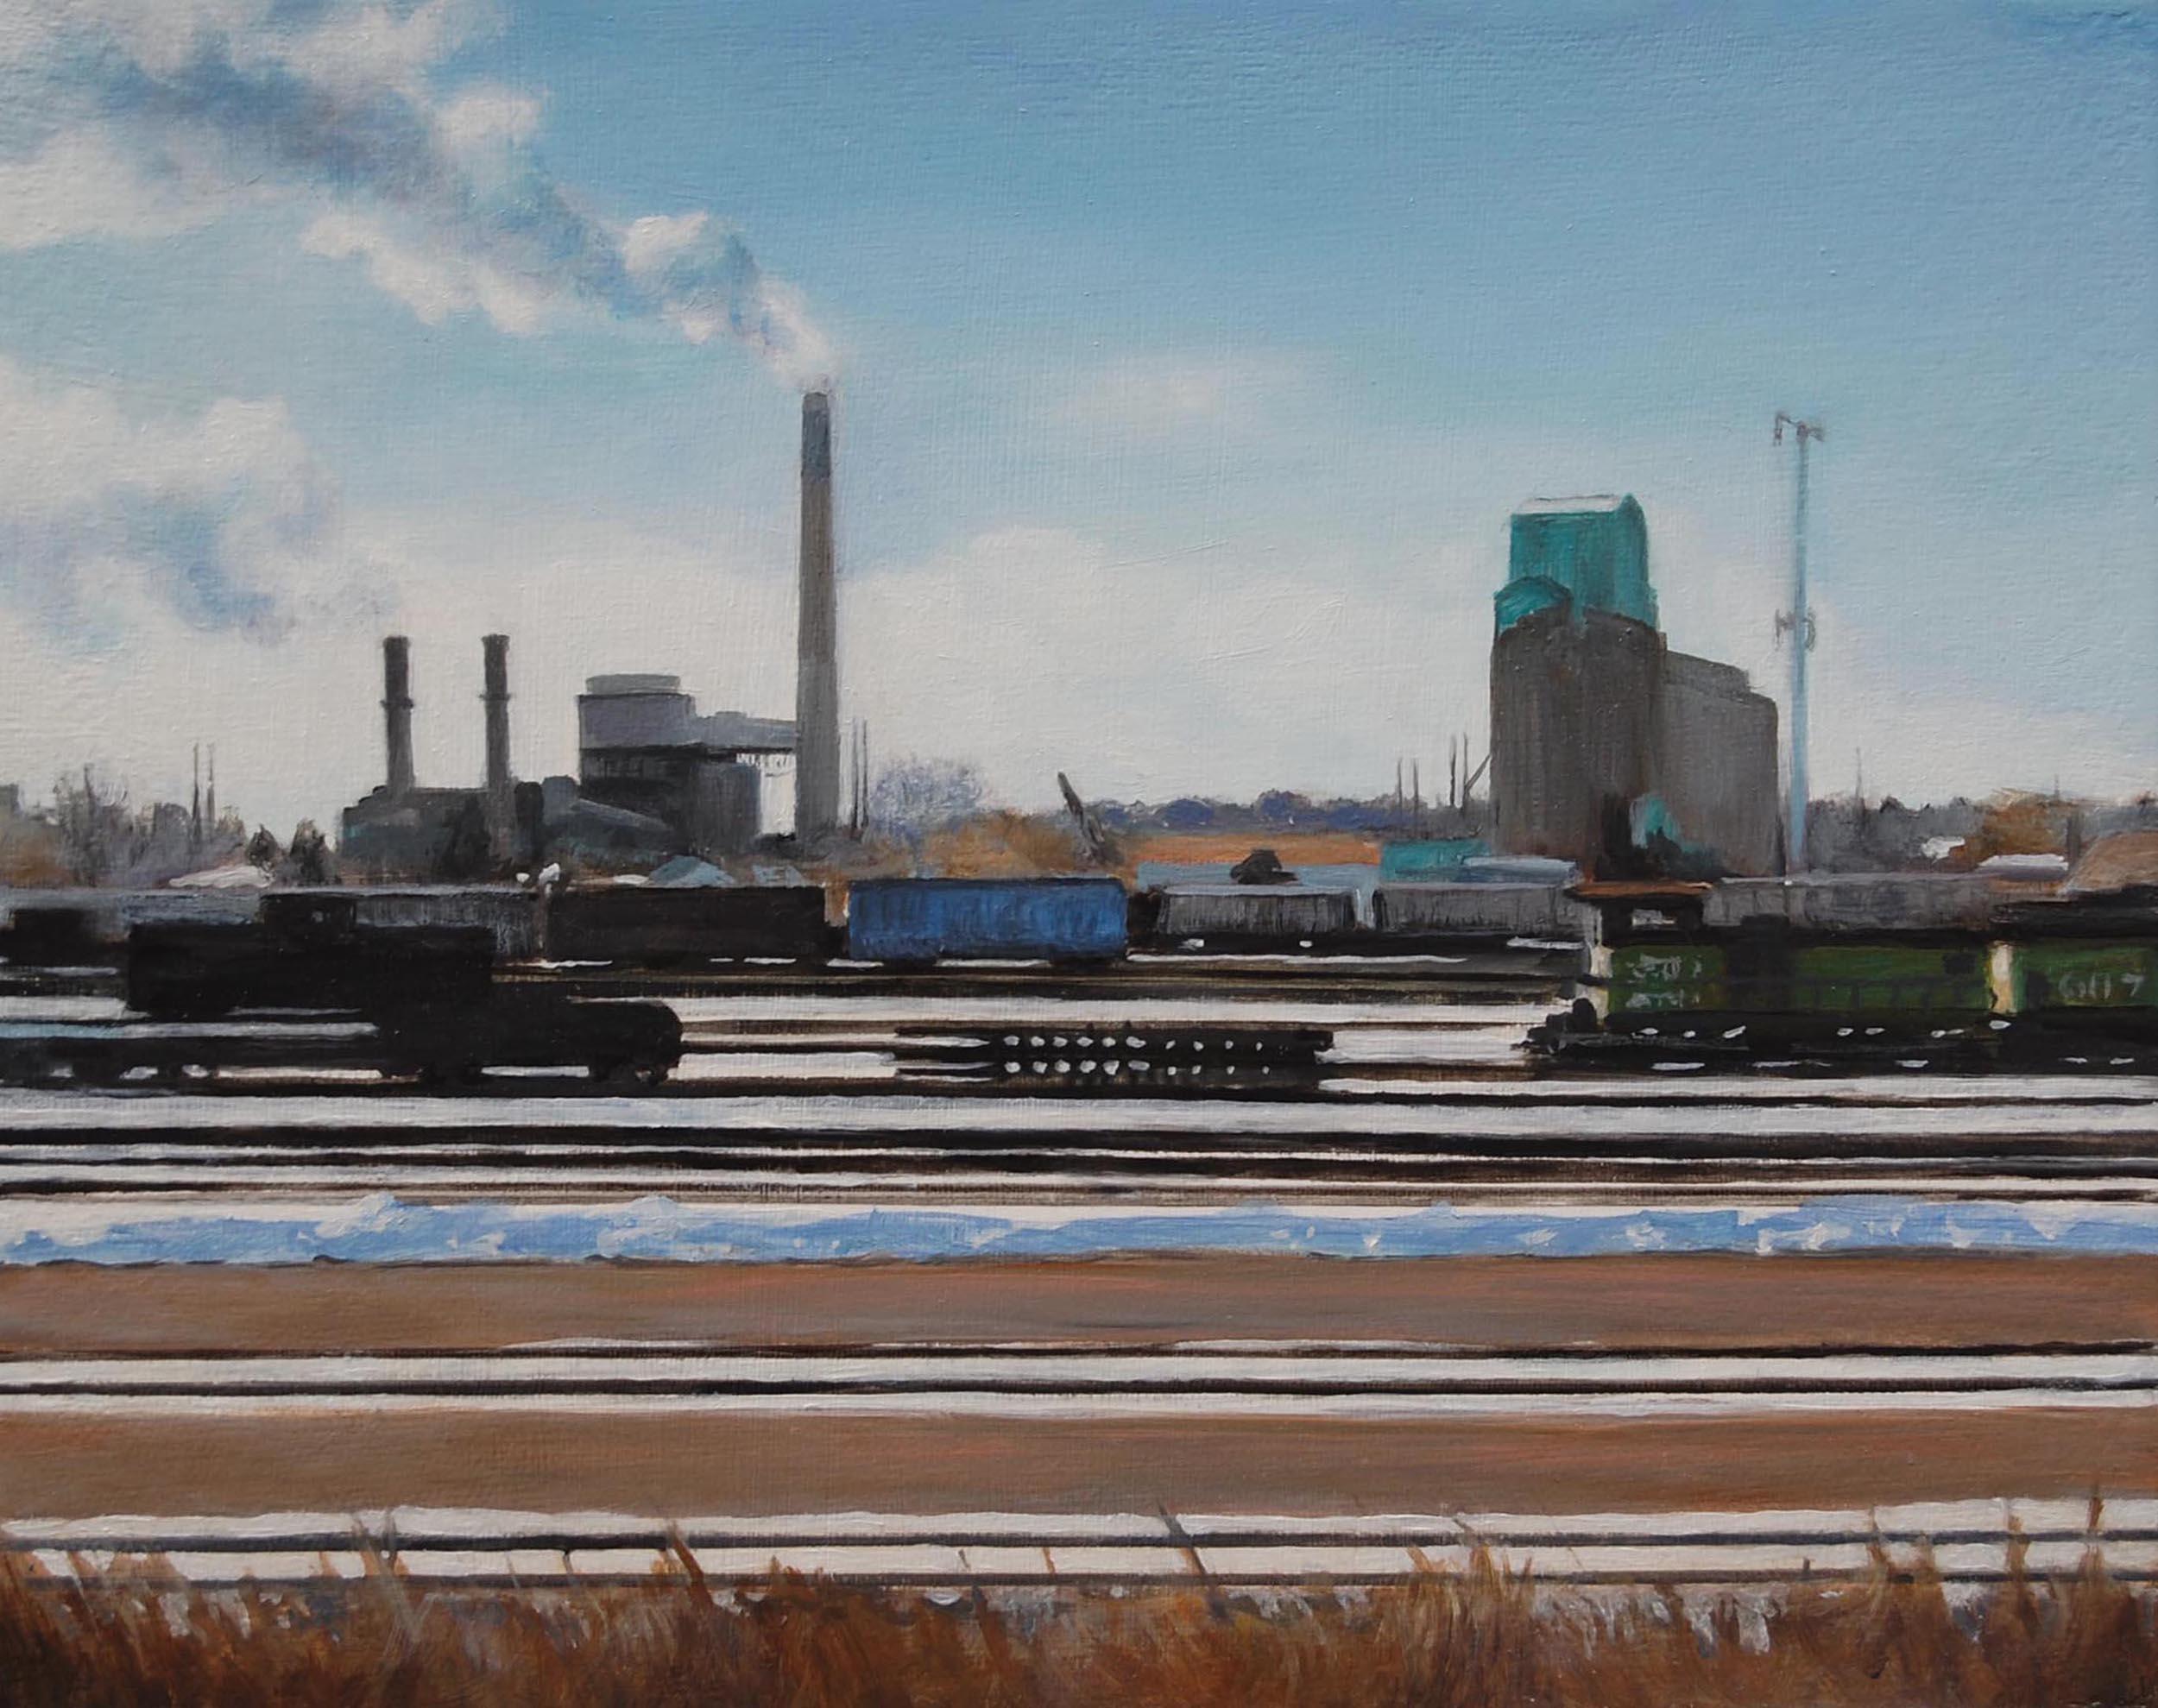 Rail Yard, NE Minneapolis   2008  Oil on canvas  8 x 10 inches